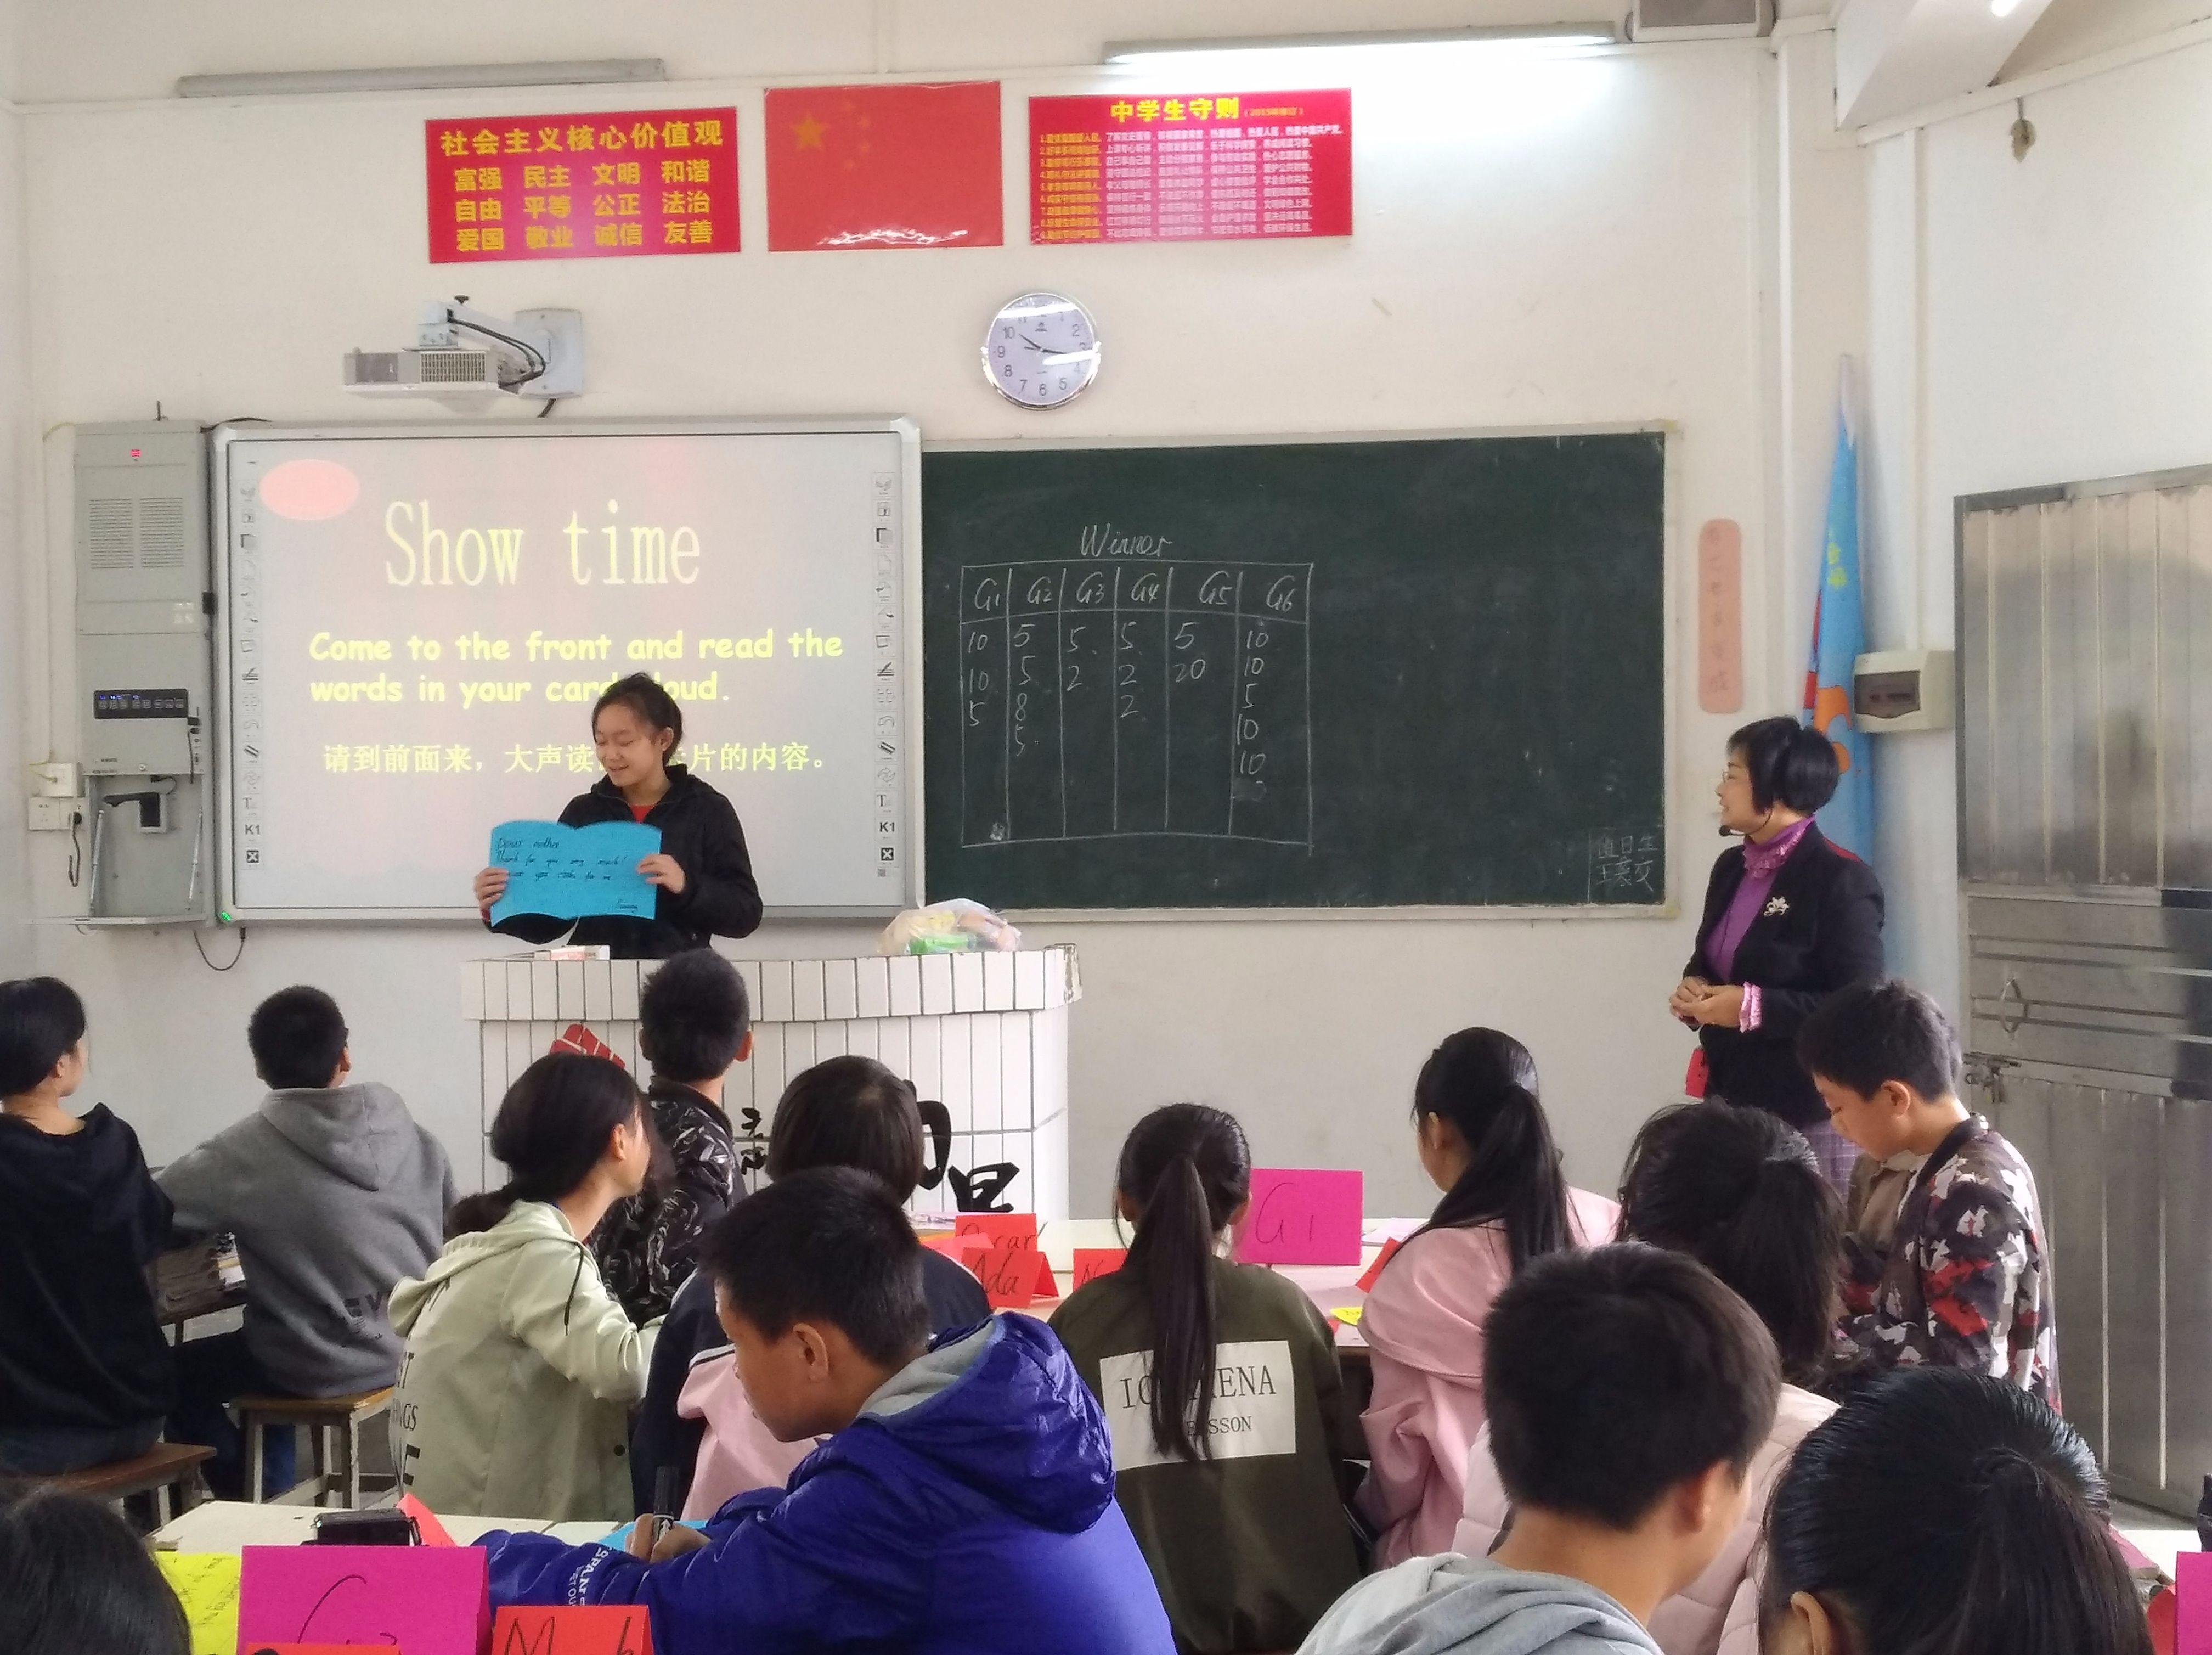 我校市英語名師工作室主持人劉艷芳送課下鄉活動簡訊